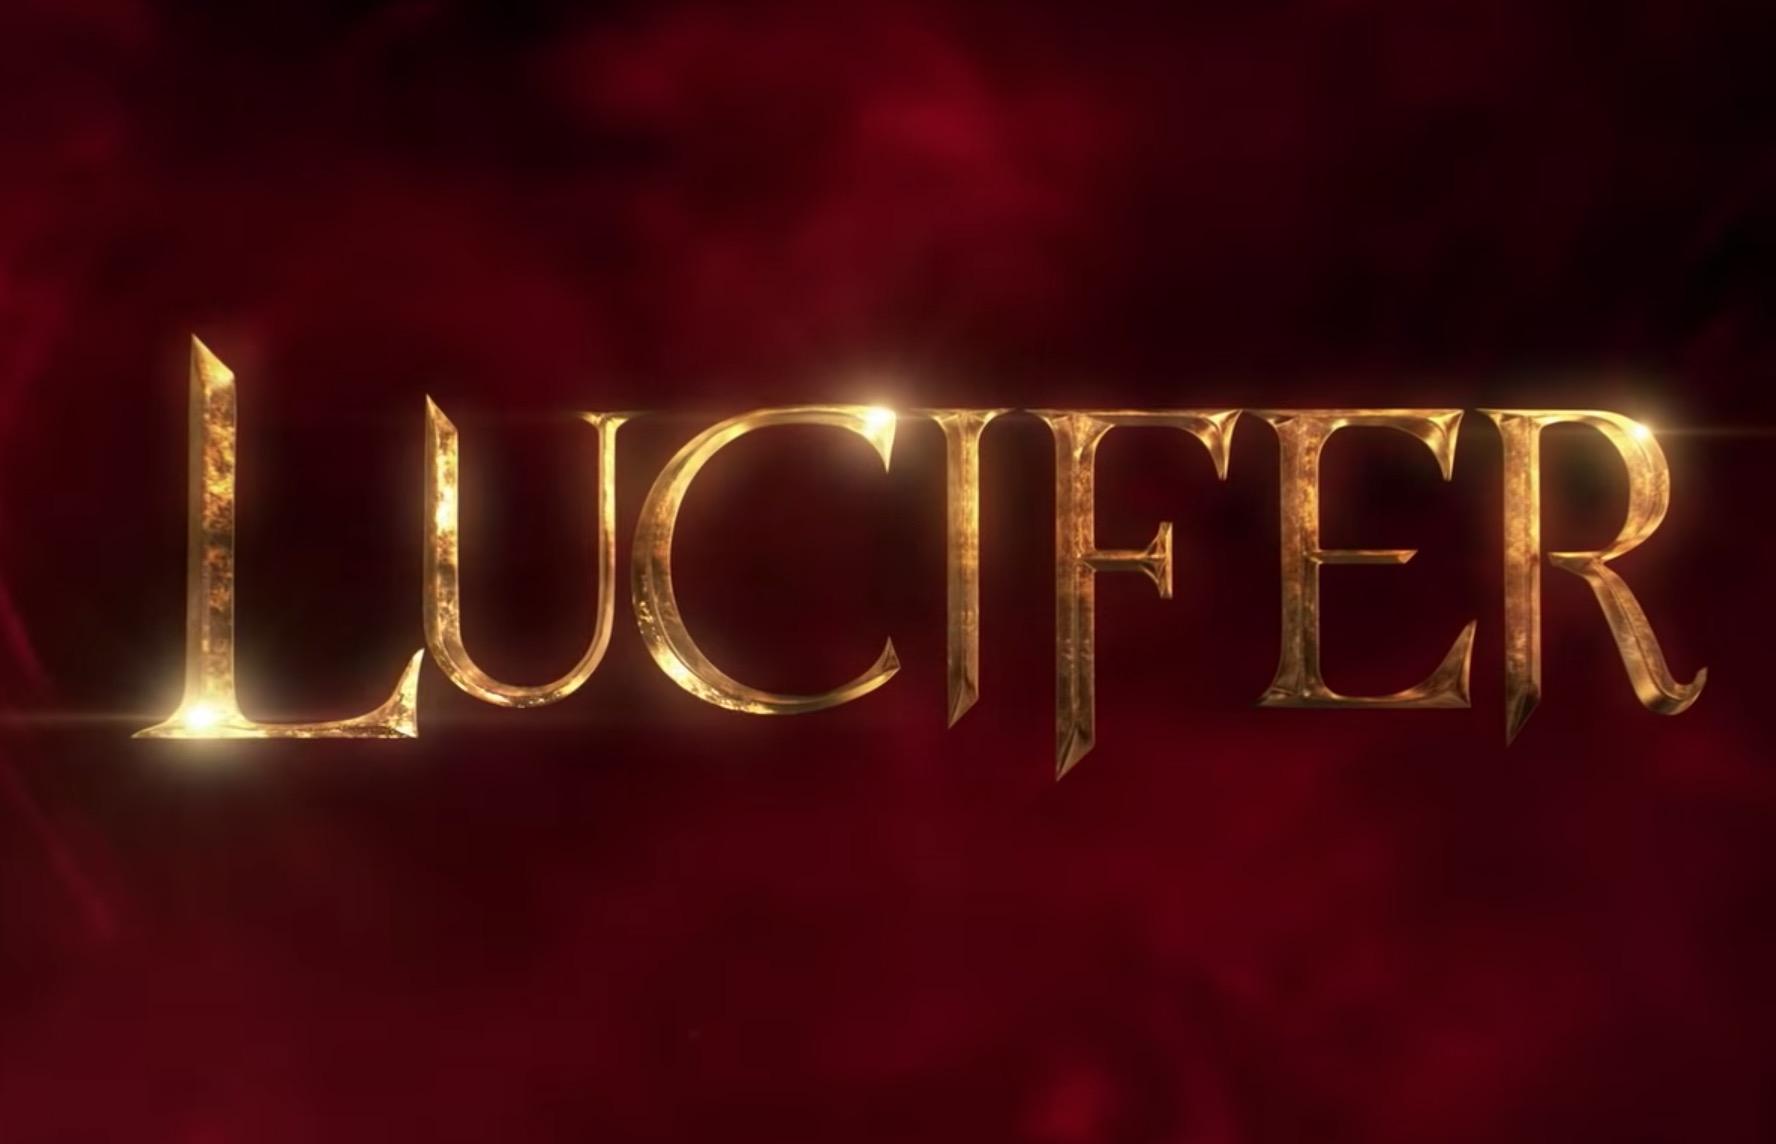 """Regulament Concurs Lucifer """"Câștiga unul din cele 5 abonamente Netflix, valabile 1 an"""""""